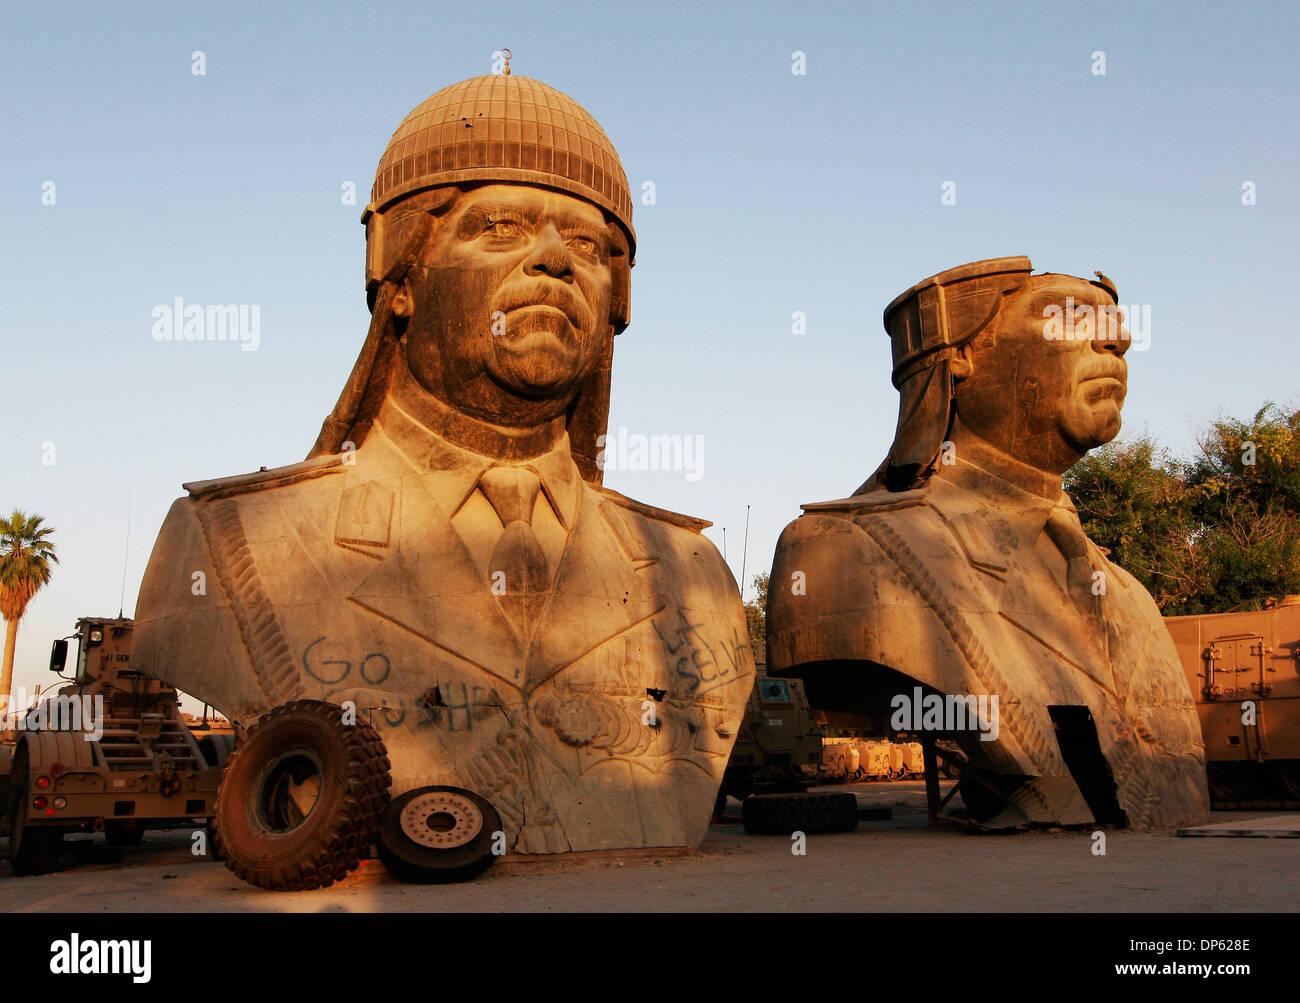 Giu 04 2006, Baghdad, Iraq; rovesciato 20 piedi di statue di Saddam Hussein, preso da uno della ex presidente iracheno Foto Stock